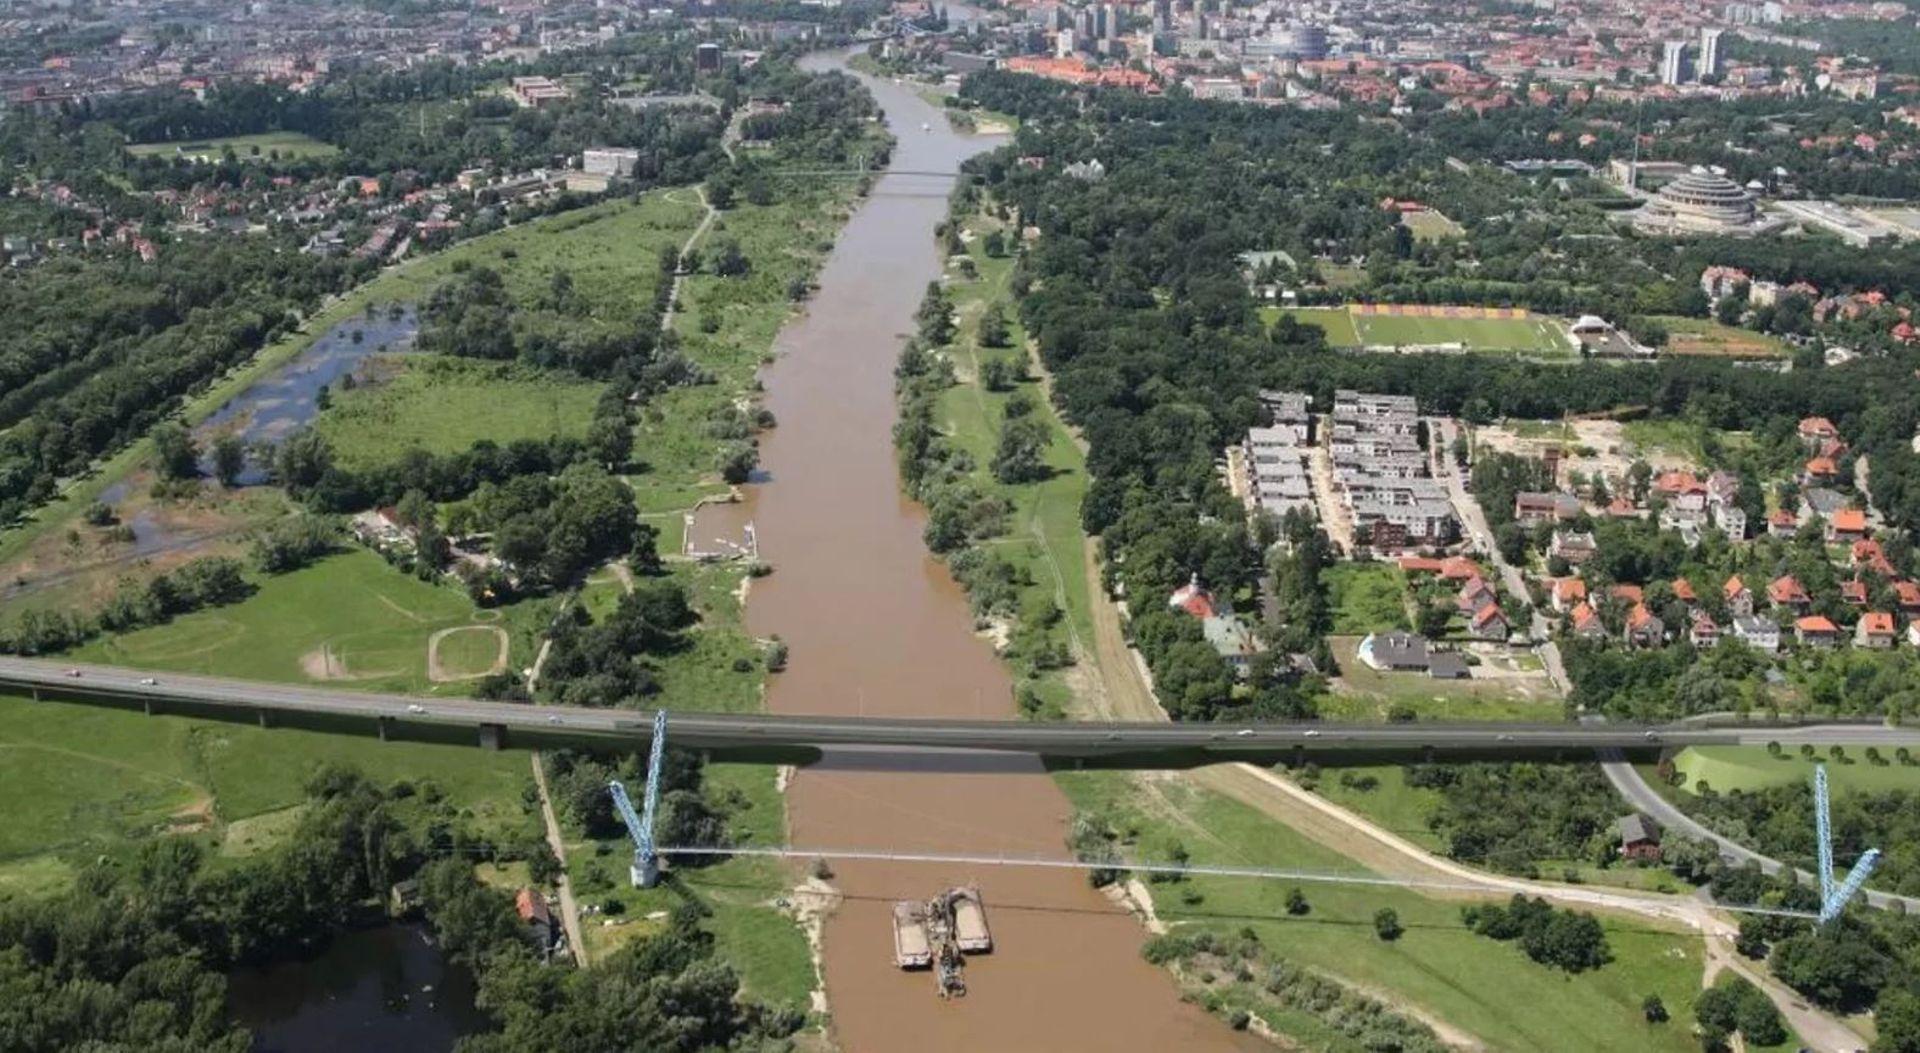 Wrocław: Ruszyła budowa Alei Wielkiej Wyspy i nowych mostów nad Odrą i Oławą [ZDJĘCIA + WIZUALIZACJE]